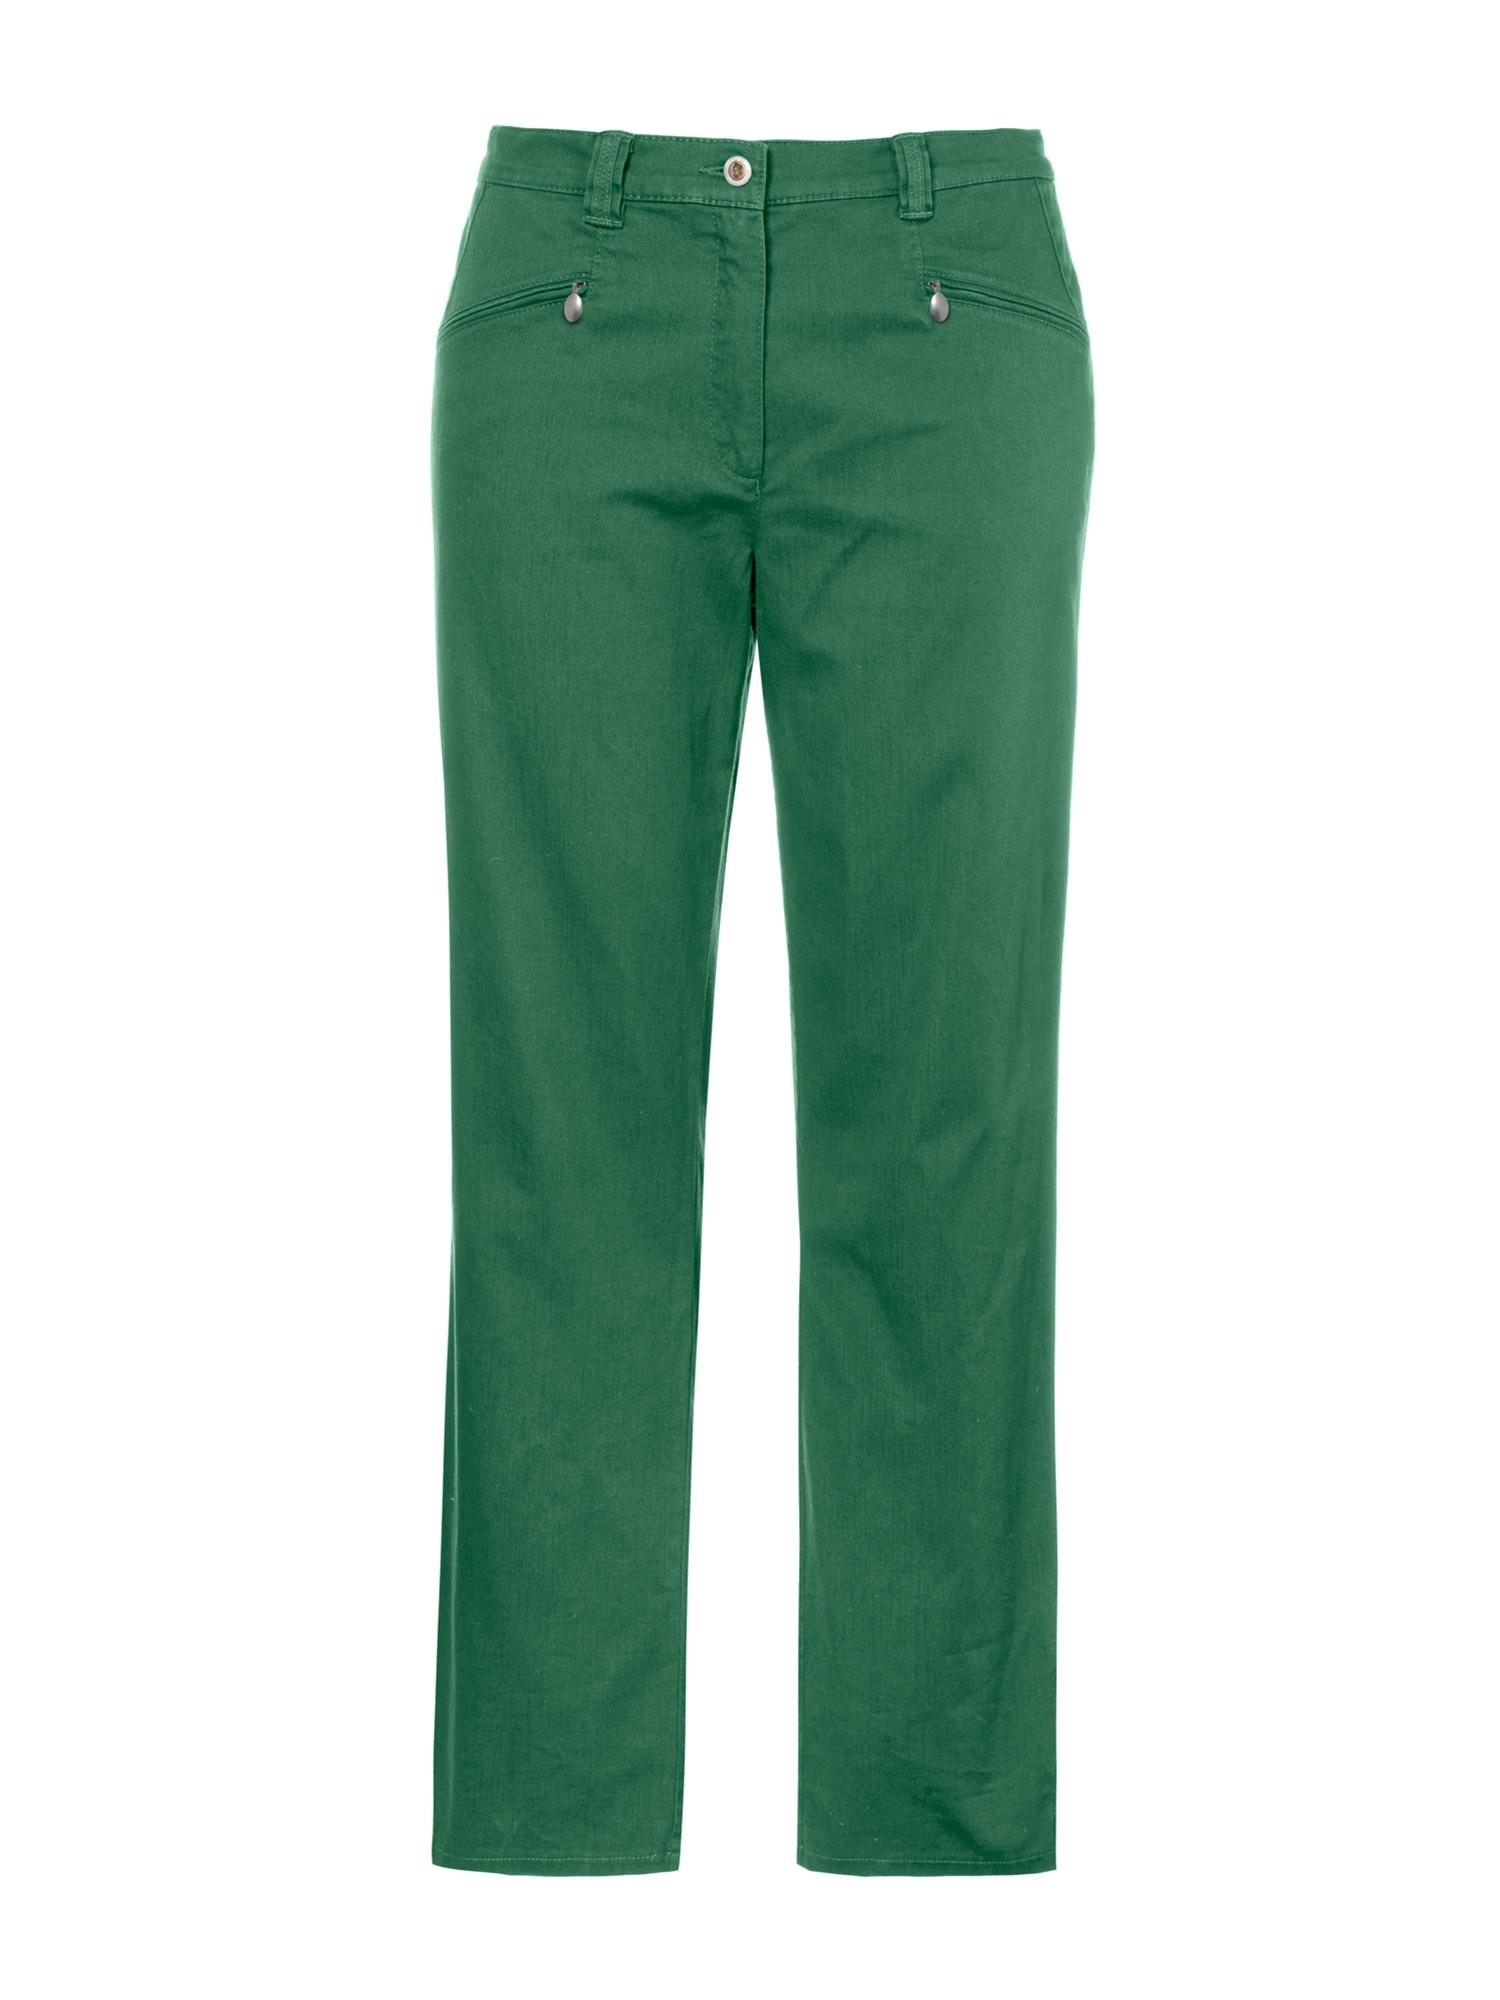 Kalhoty Mony zelená Ulla Popken